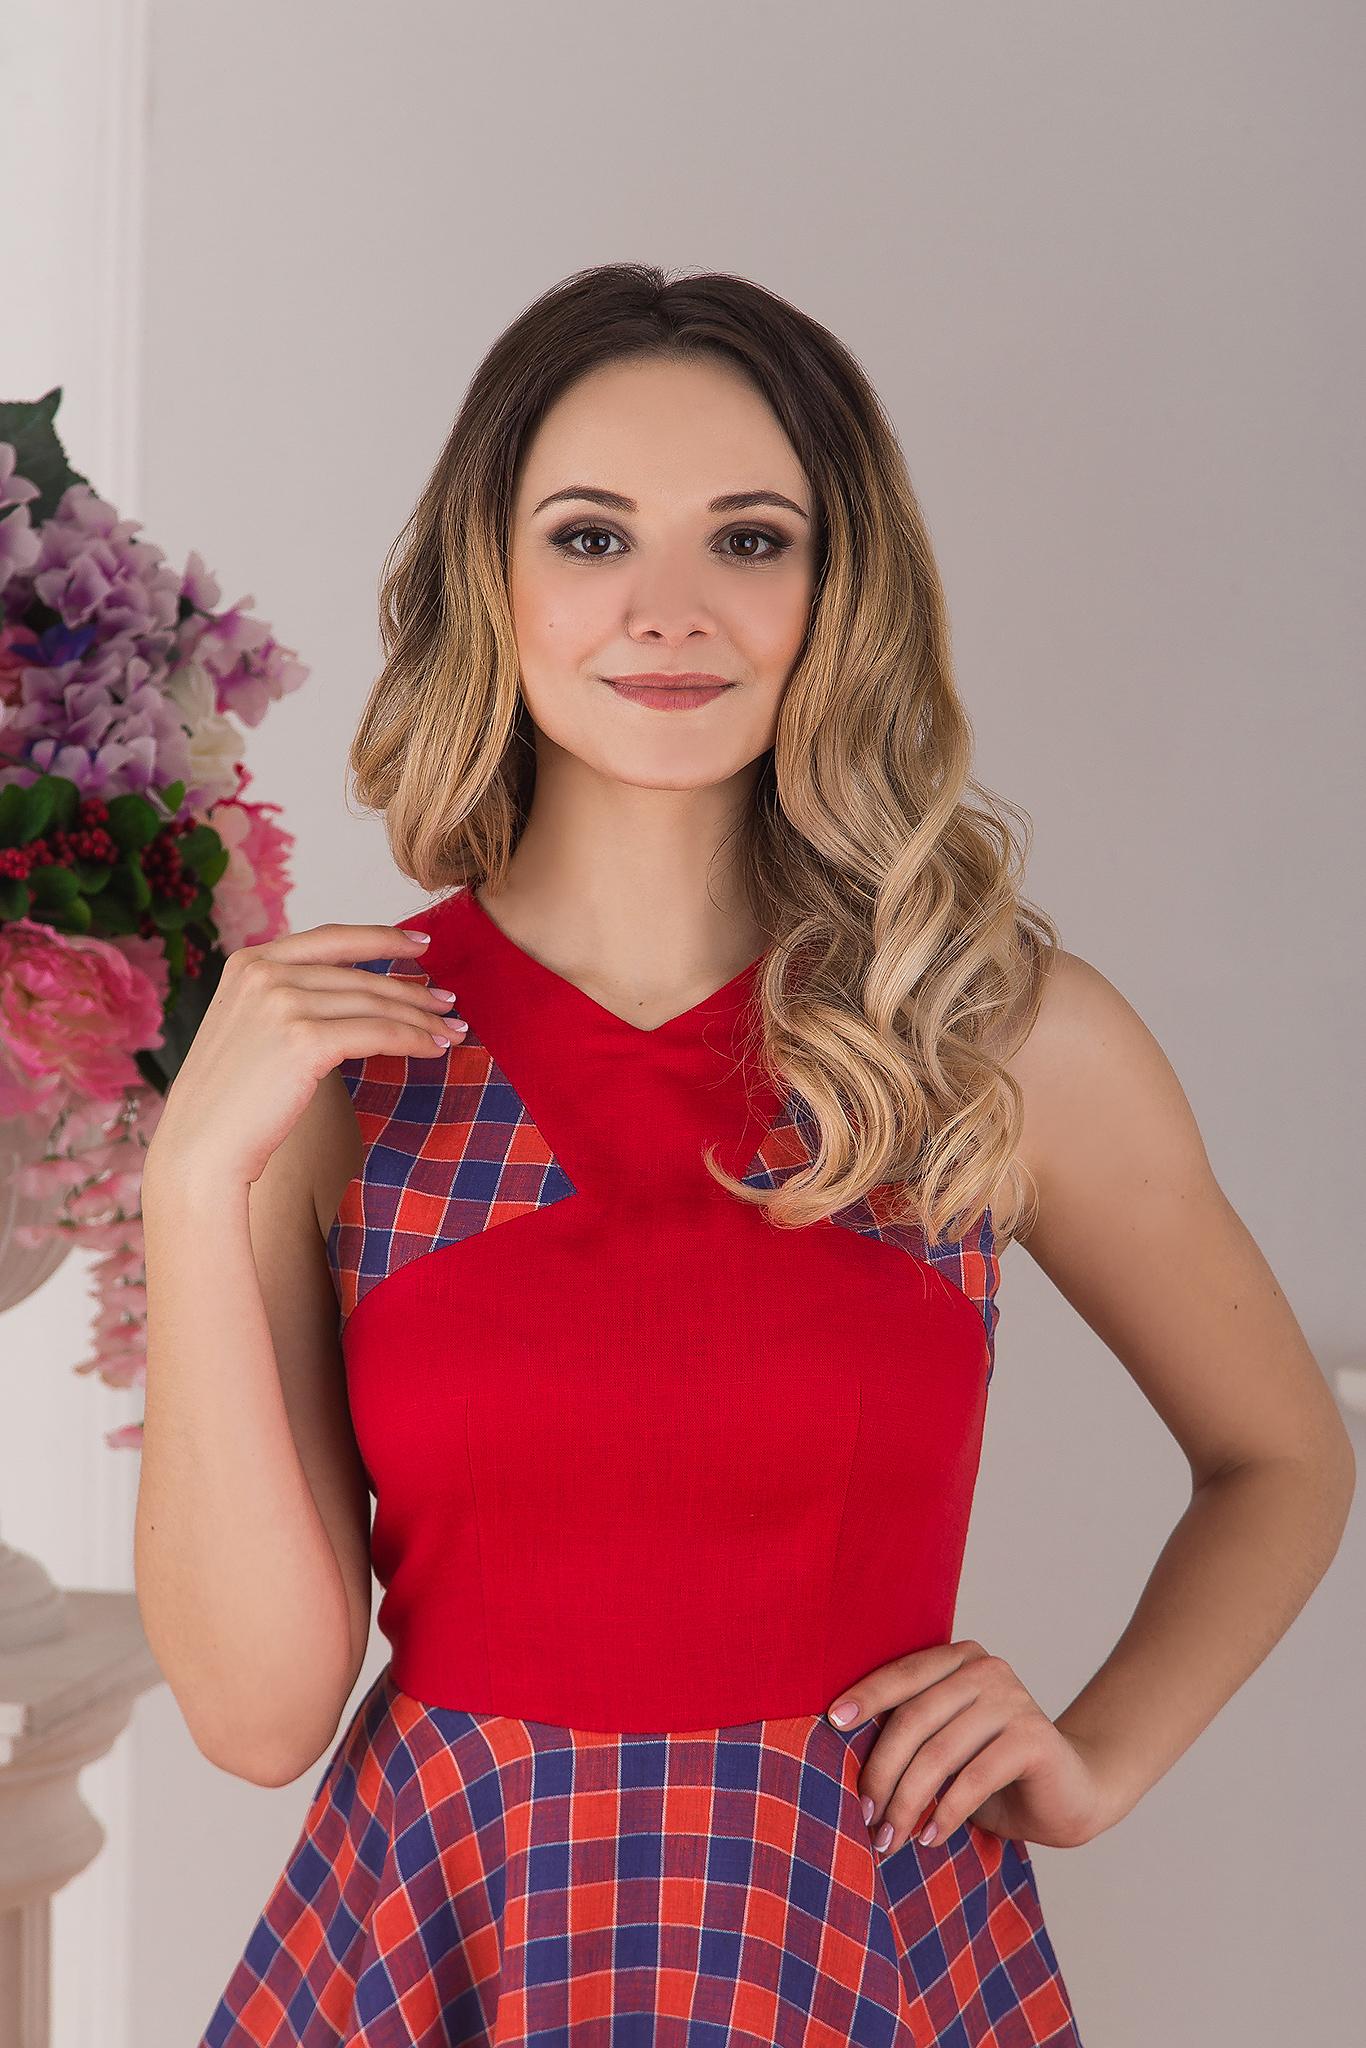 Современное льняное платье красное Раздолье от Иванка приближенный фрагмент